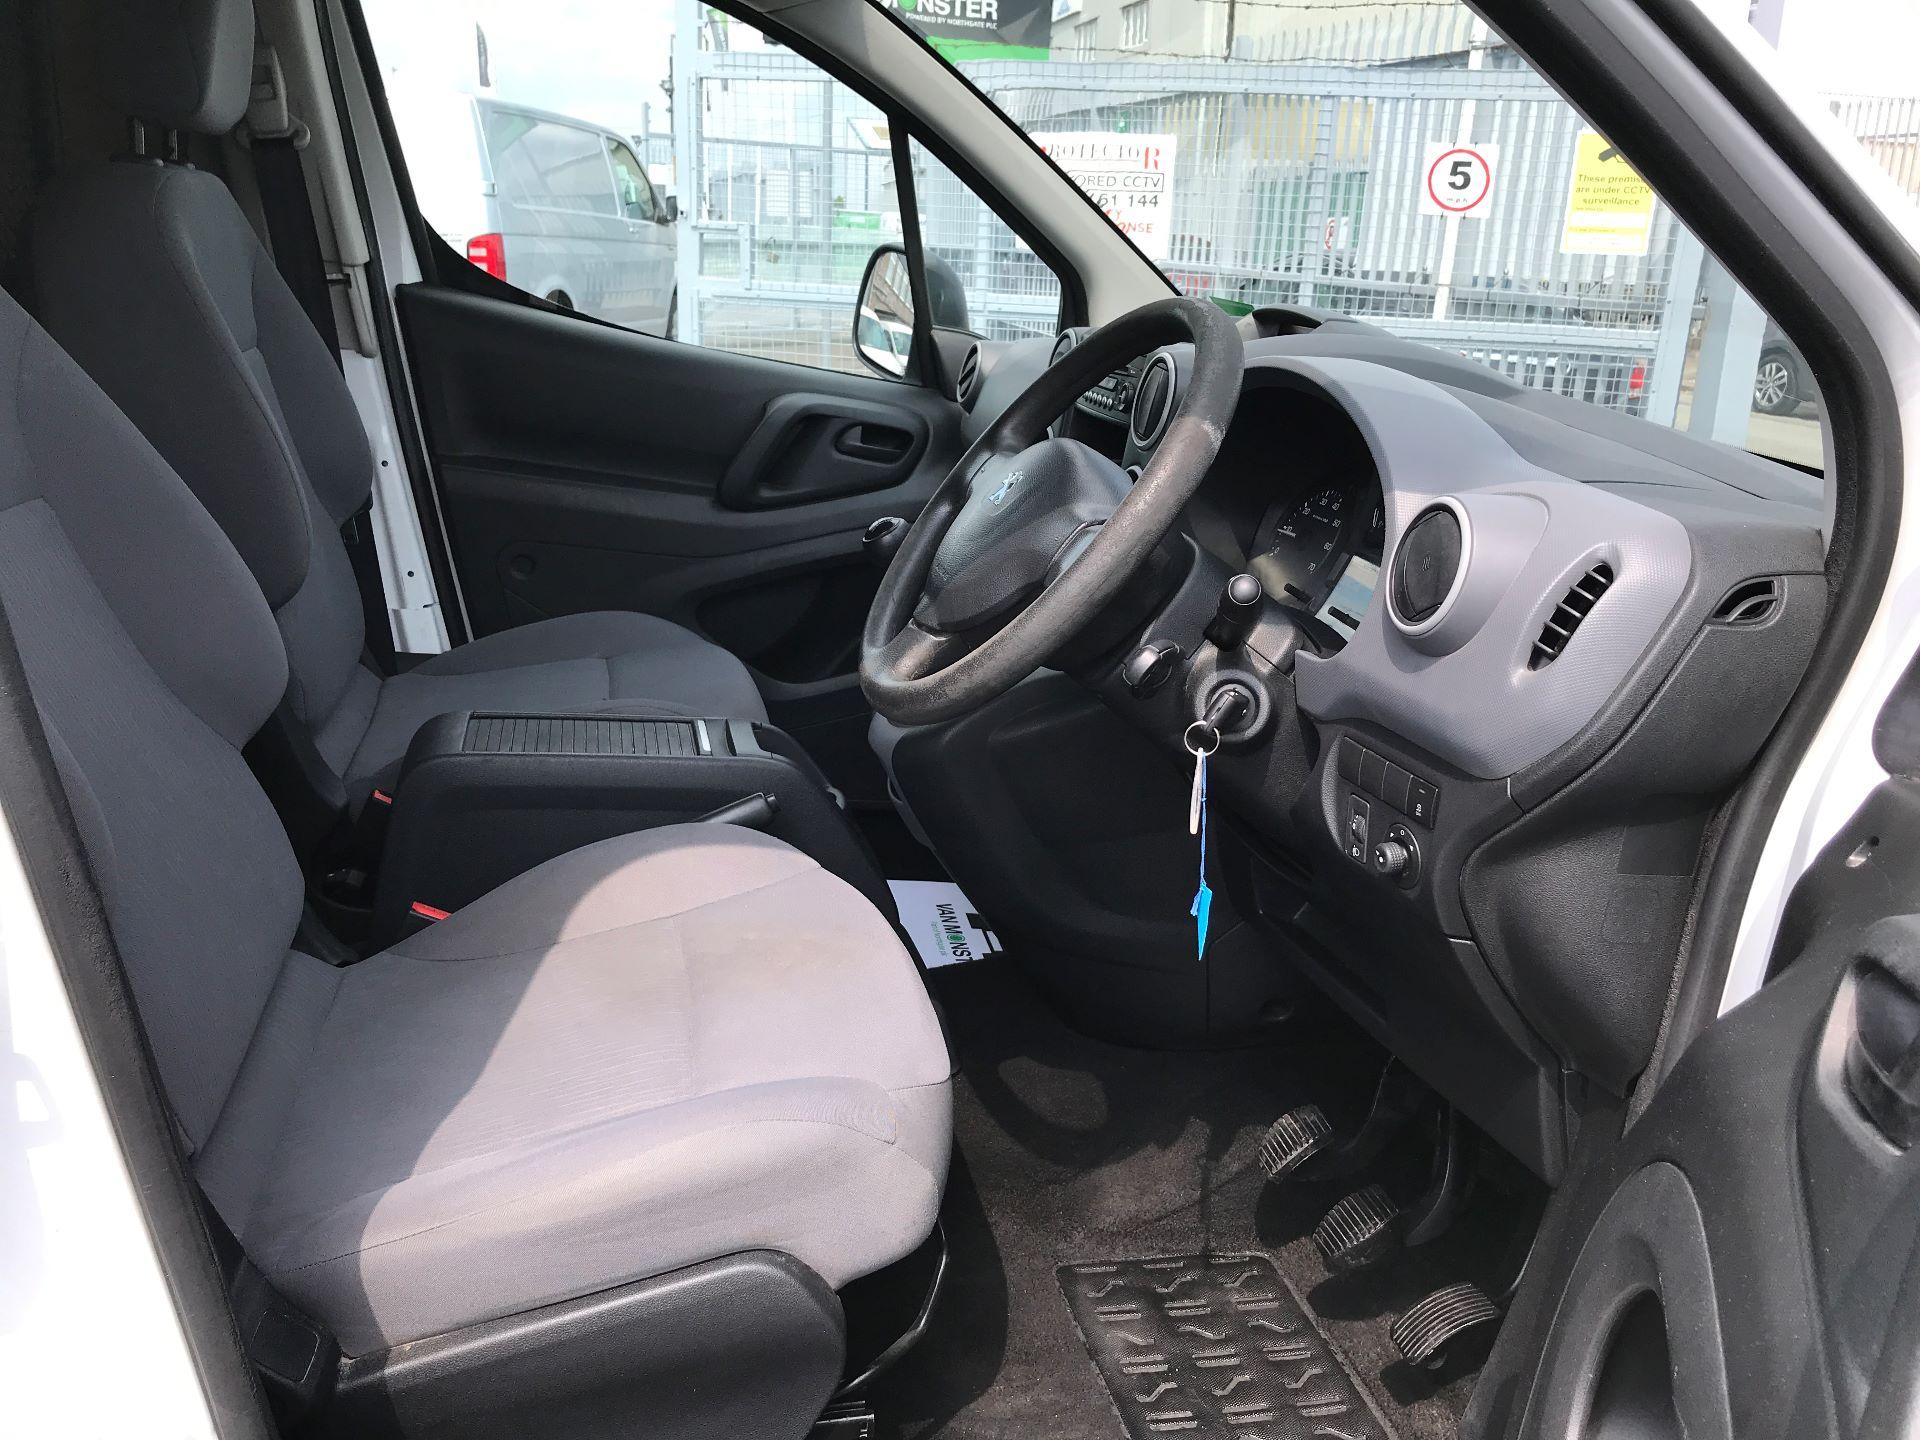 2016 Peugeot Partner L1 850 S 1.6HDI 92PS EURO 5 (NV65MHX) Image 2